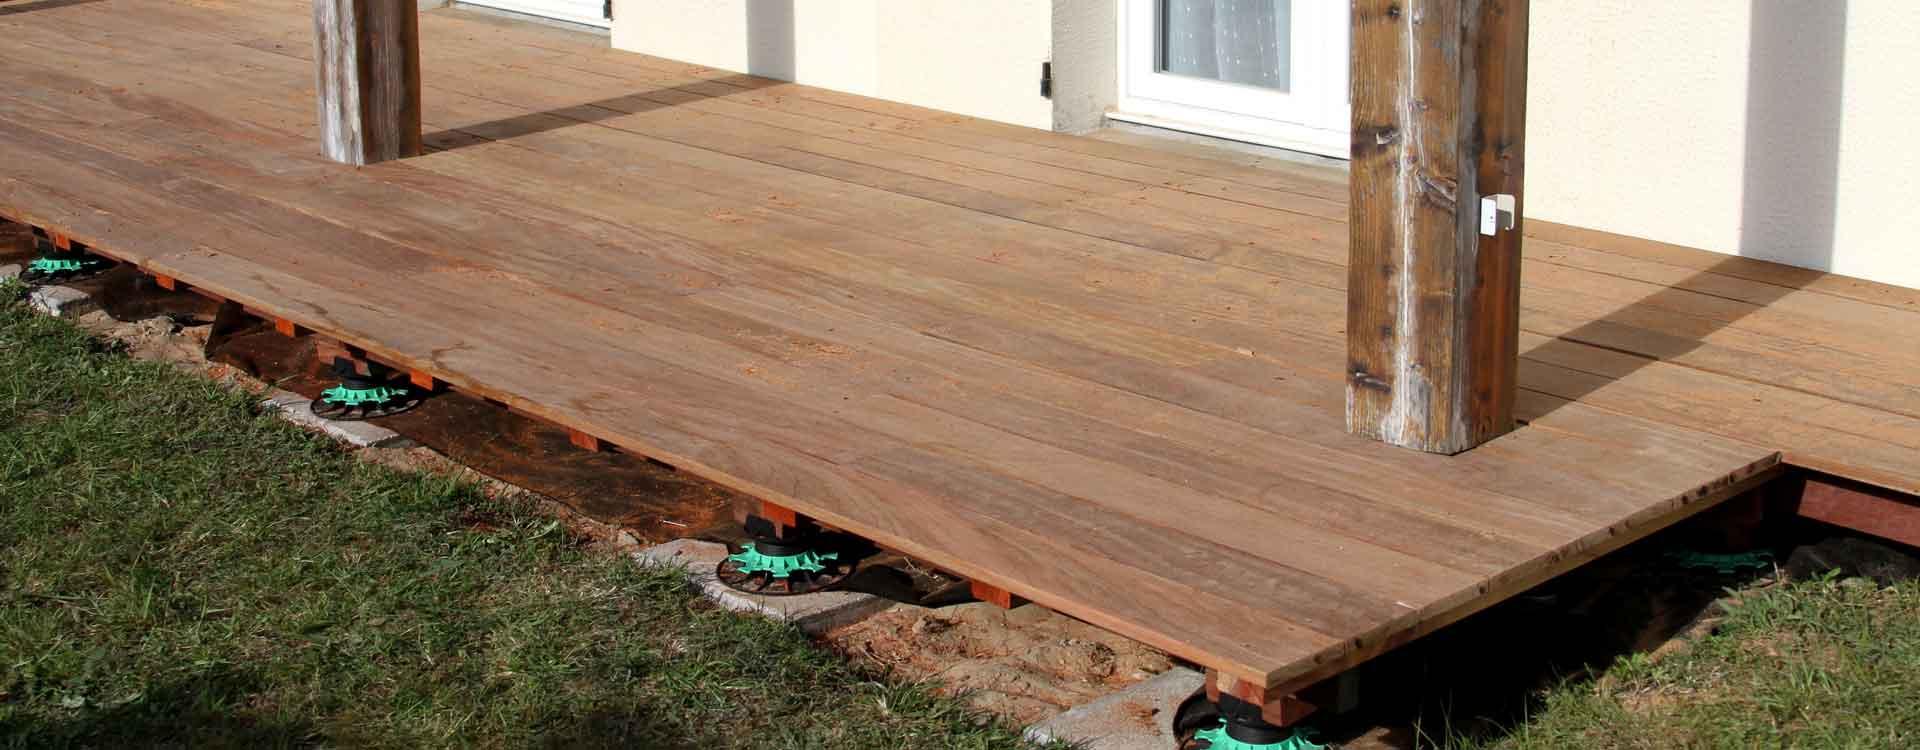 Contactez notre entreprise de pose de terrasse en bois